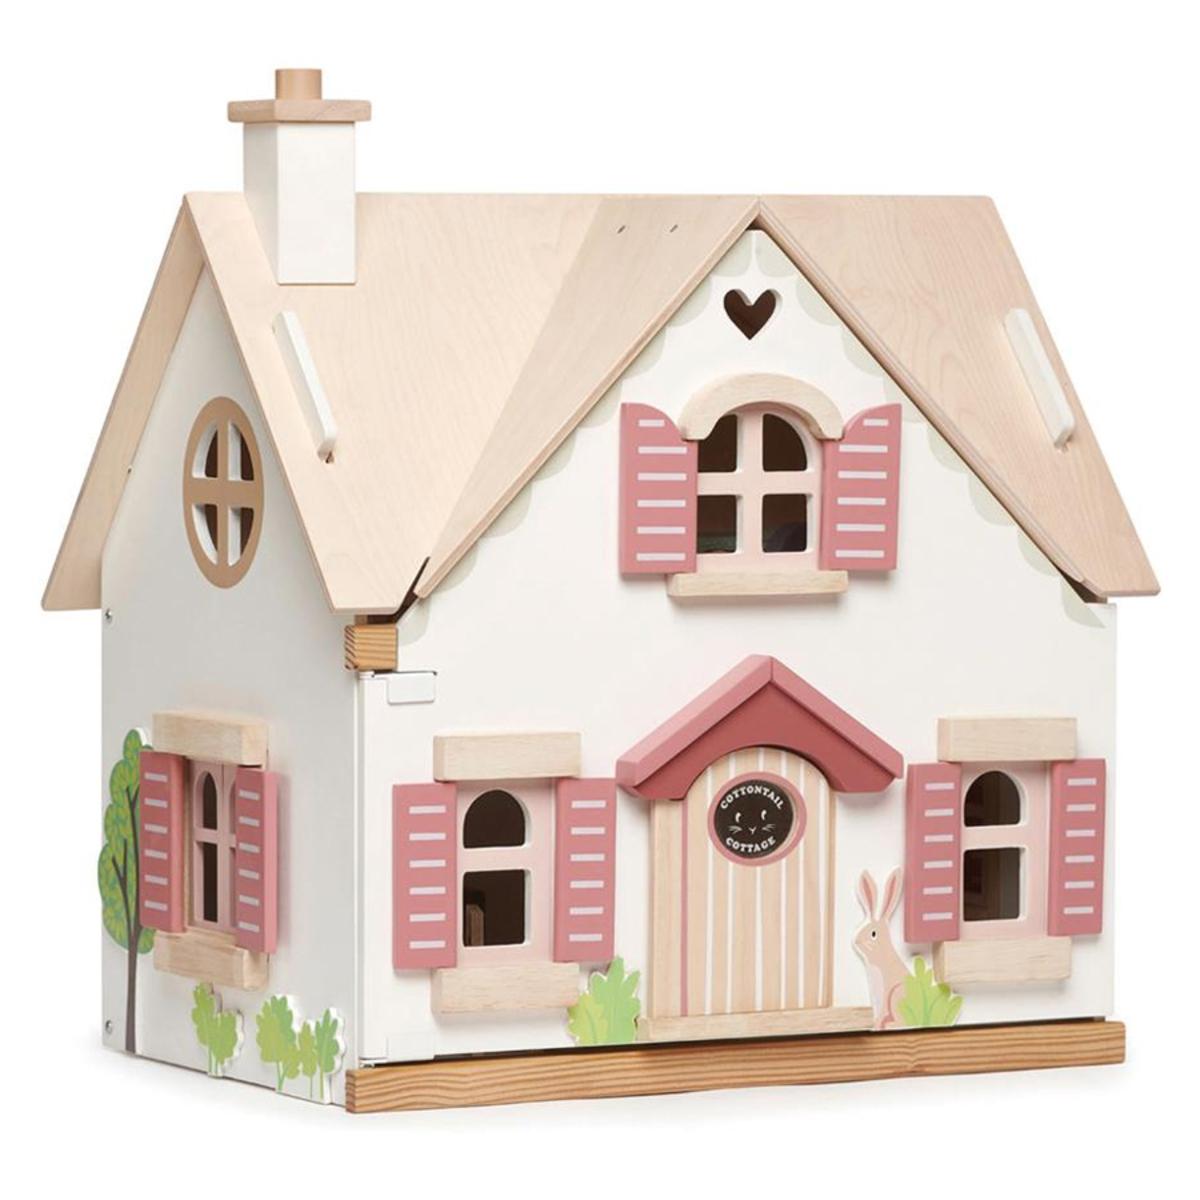 Mes premiers jouets Maison de Poupées Cottontail Tender Leaf Toys - AR202001280089